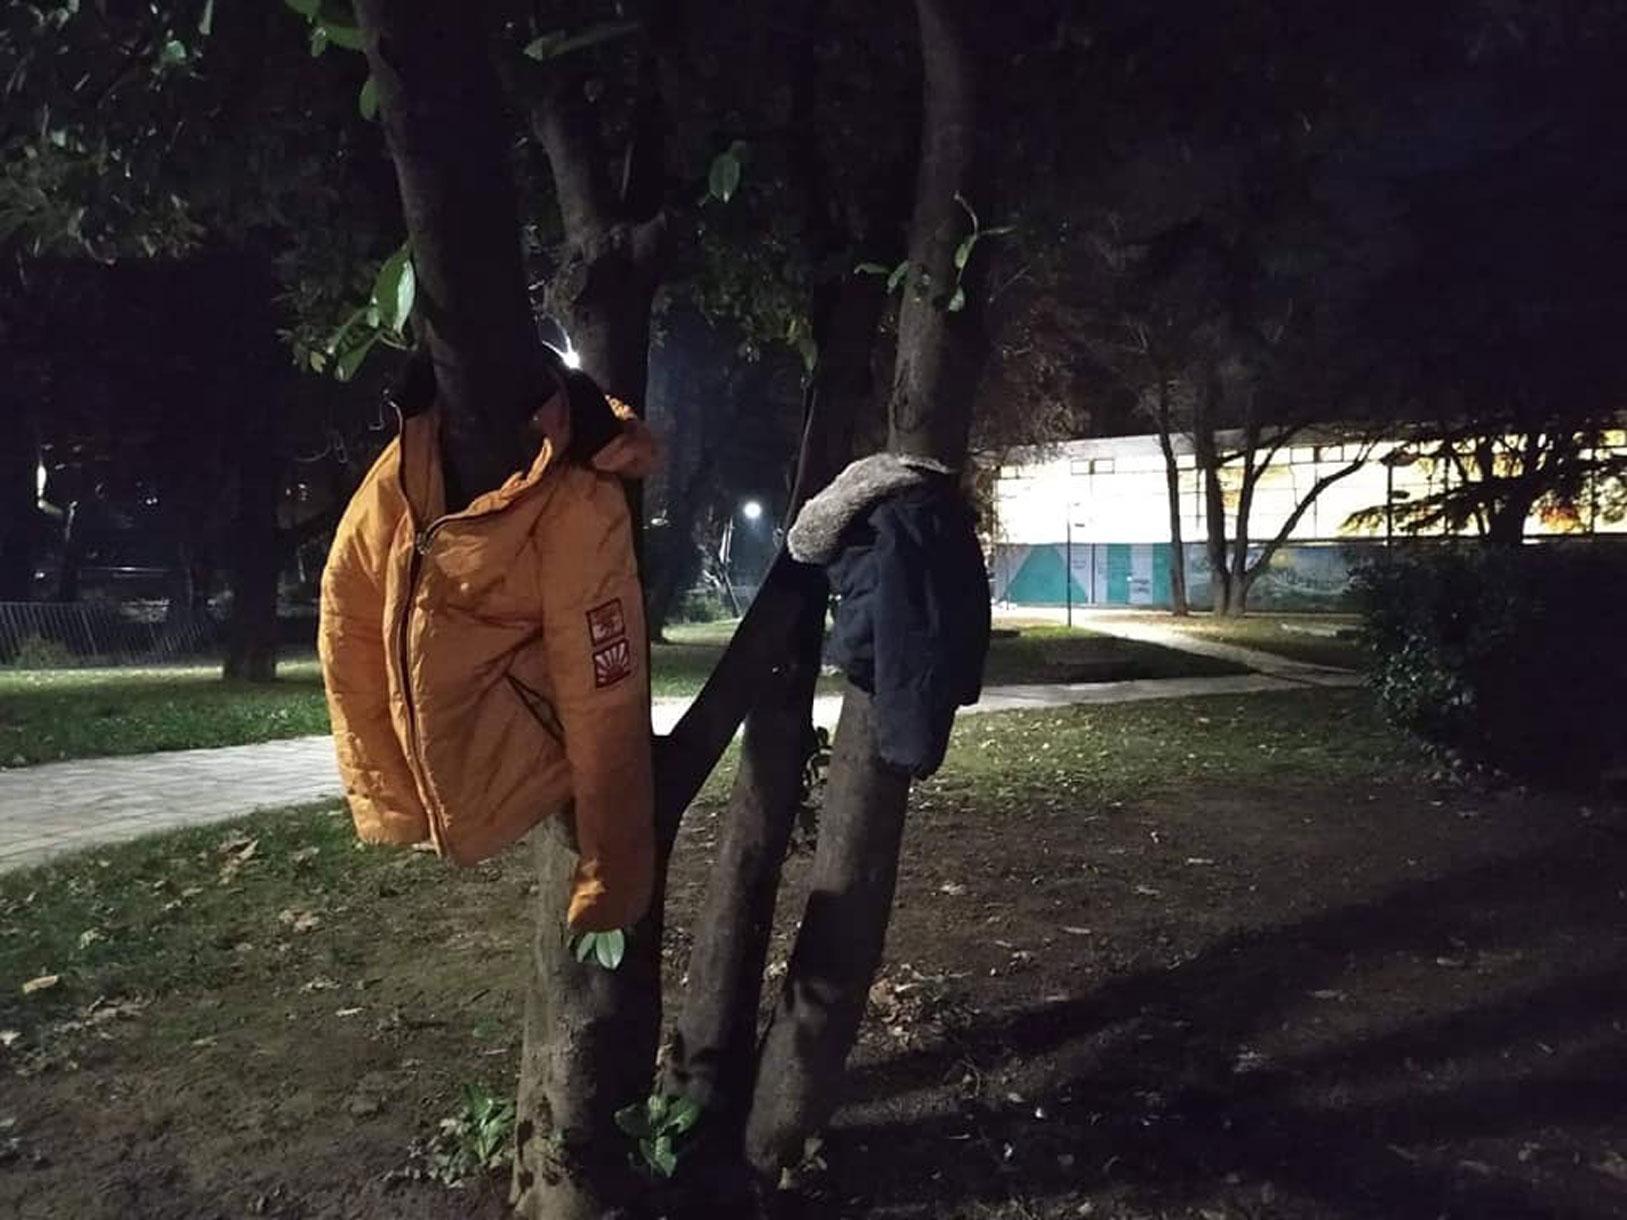 Έδεσσα: «Στολίζουν» δέντρα με μπουφάν για να μην είναι «κανείς μόνος στο κρύο» [pics]